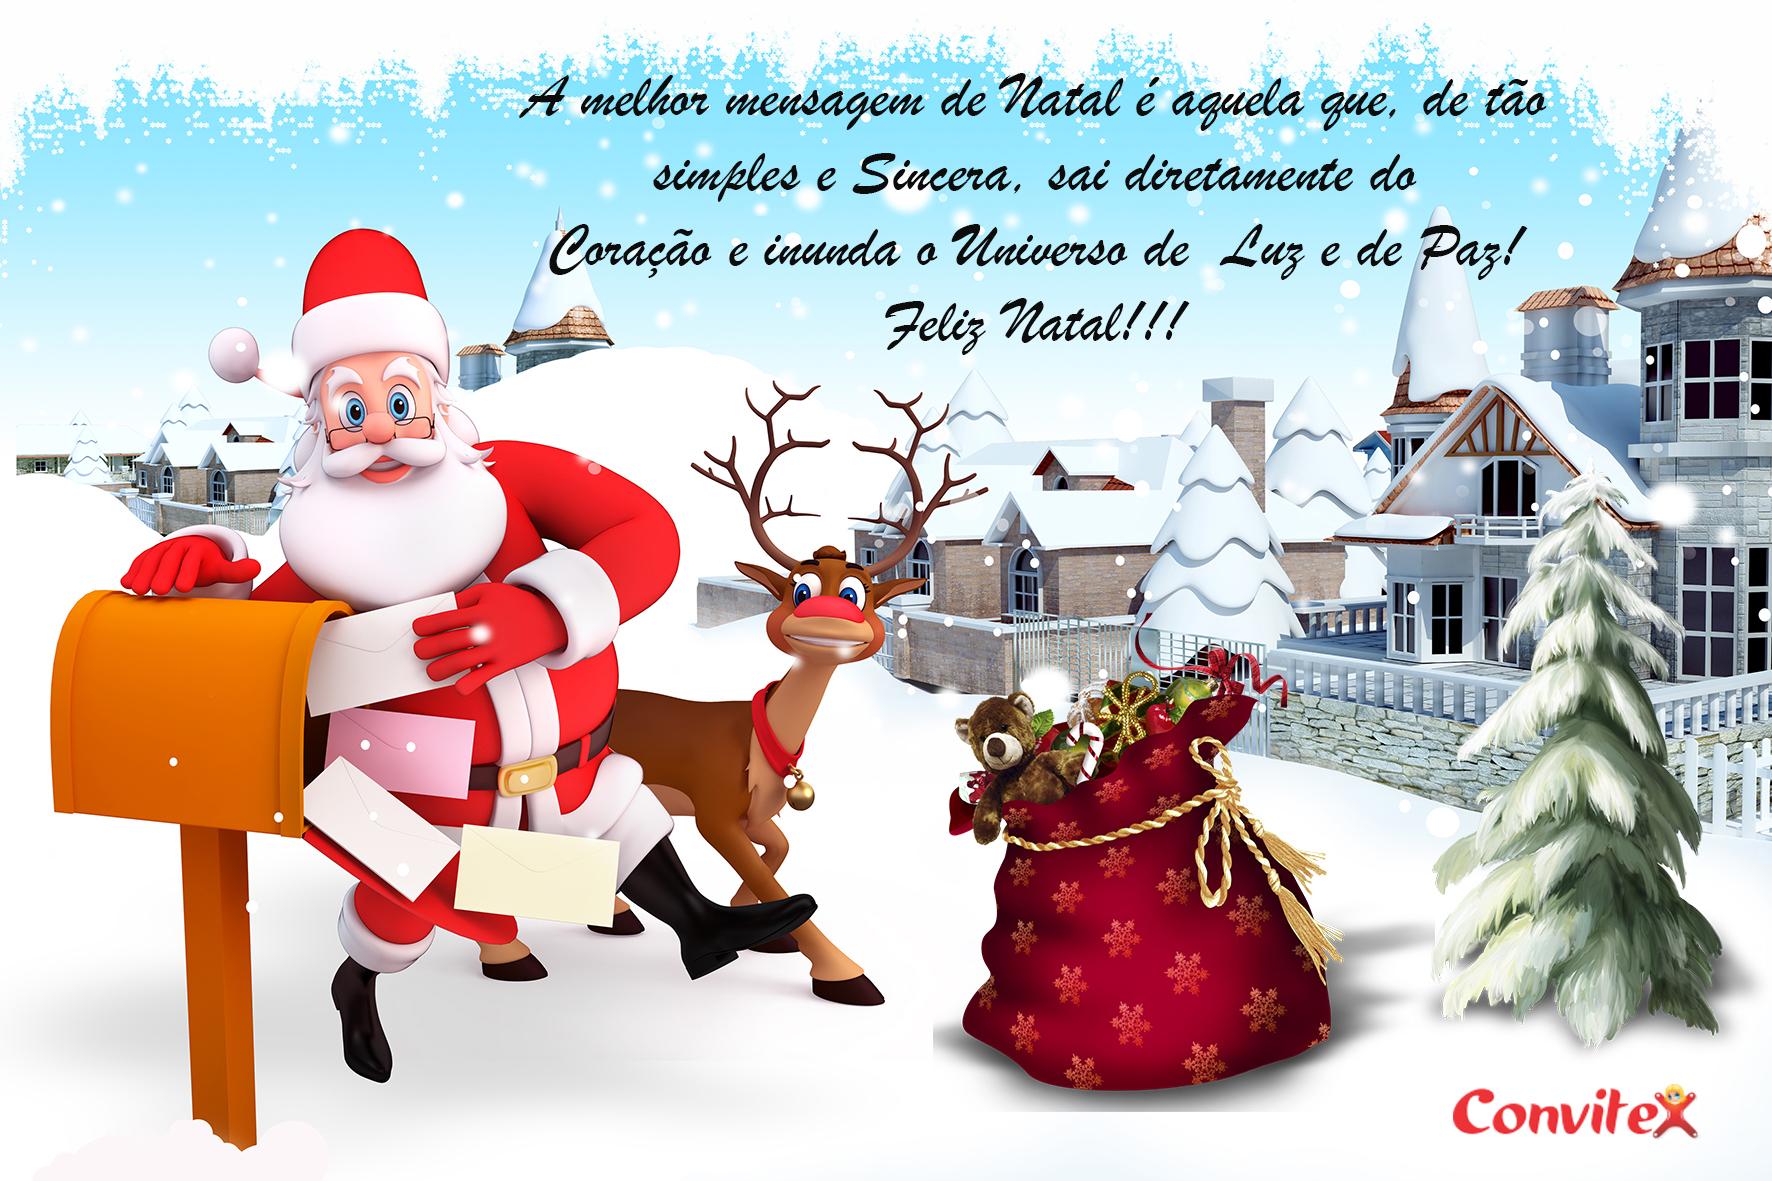 Feliz Natal e um Prospero Ano novo em 2015